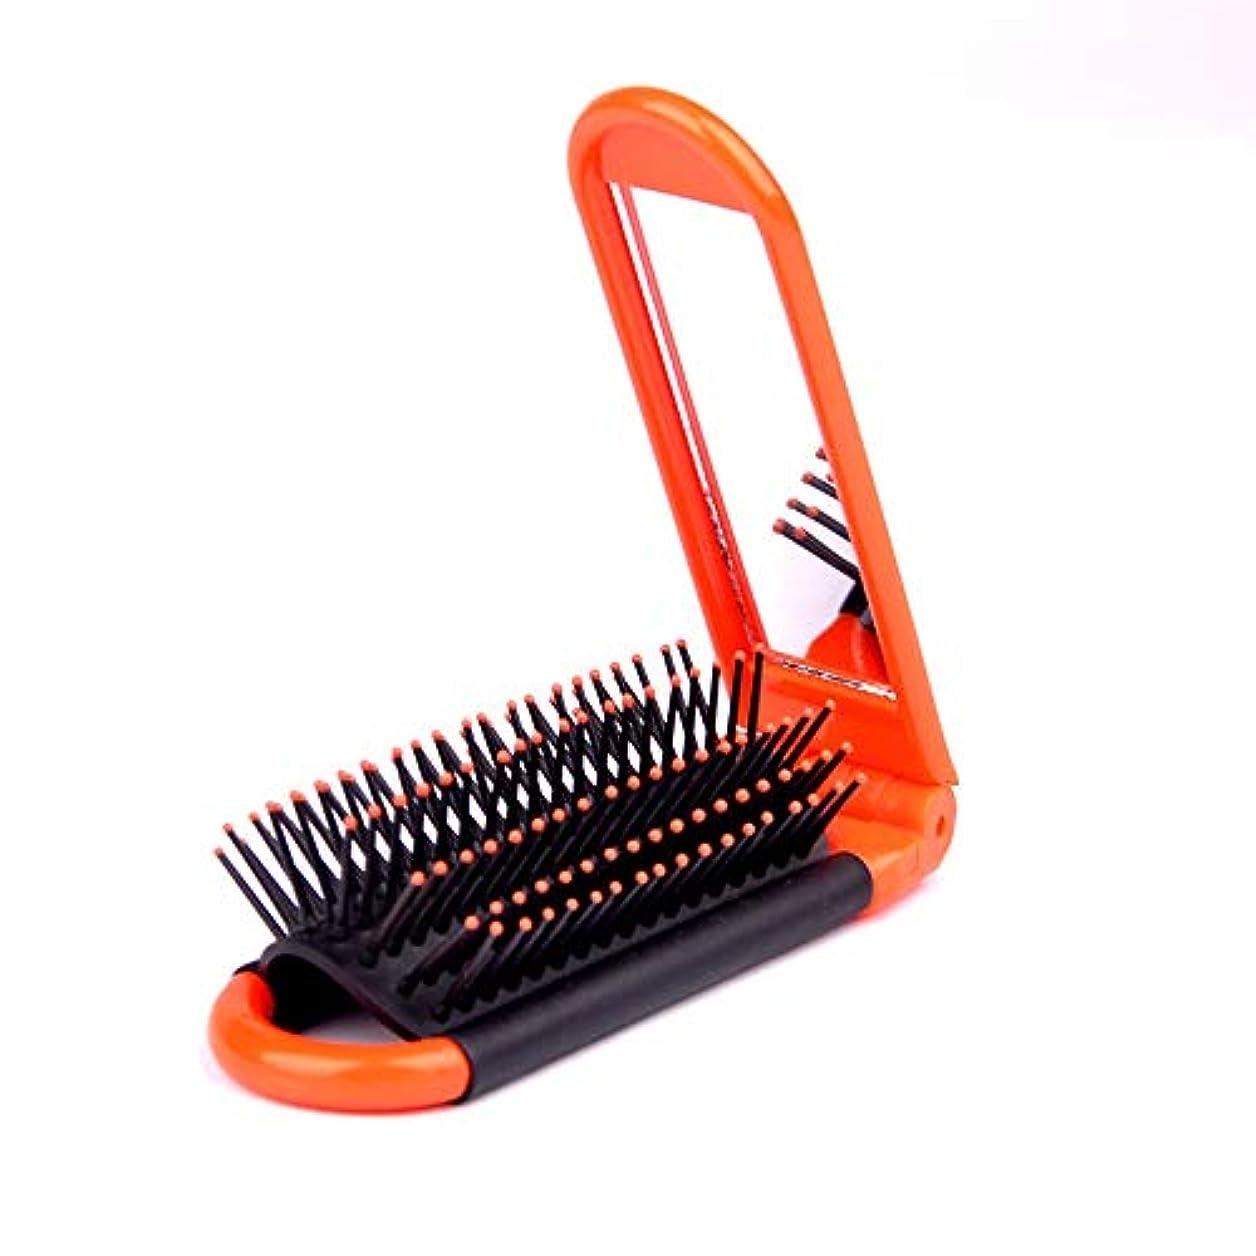 純度分析する壊すヘアーコーム ポータブル折り畳み式ミラー櫛プラスチック櫛ラウンド小さな曲線の歯男性&女性のための 理髪の櫛 (色 : オレンジ)